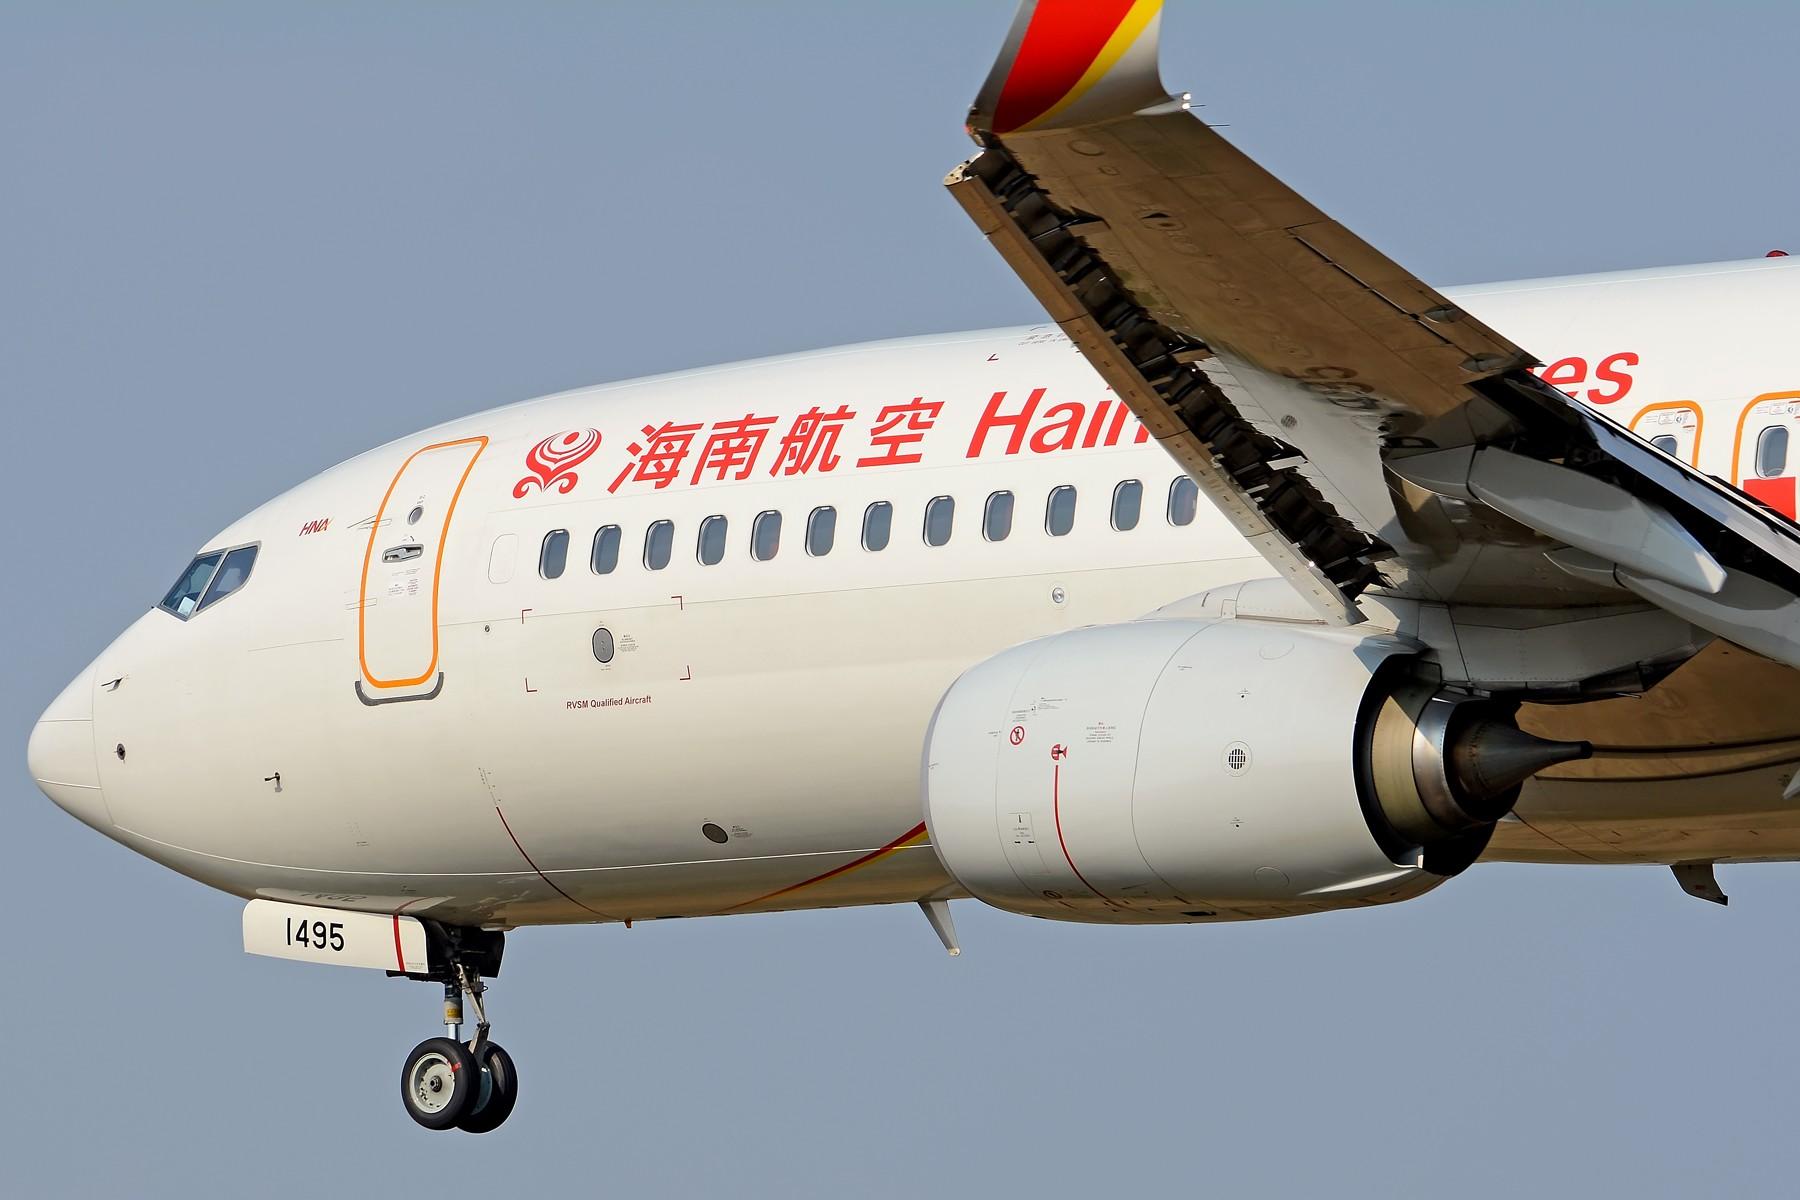 Re:[原创]【多图党】试镜200-500大头比较多 BOEING 737-800 B-1495 中国合肥新桥国际机场